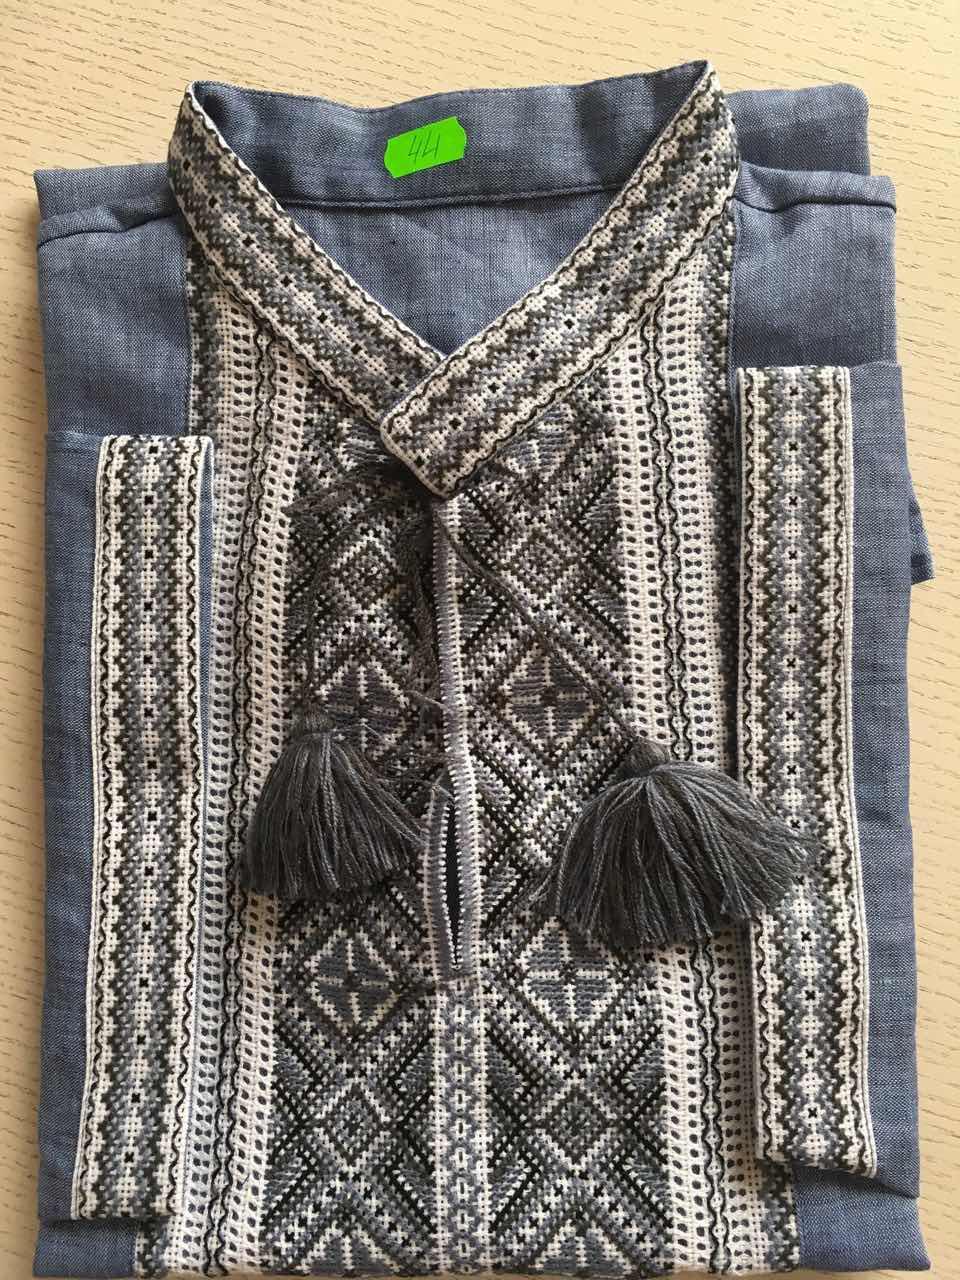 Вишита сорочка чоловіча на короткий рукав 54 розмір - Скарбниця Карпат-  інтернет магазин виробів ручної 5e313c2378261